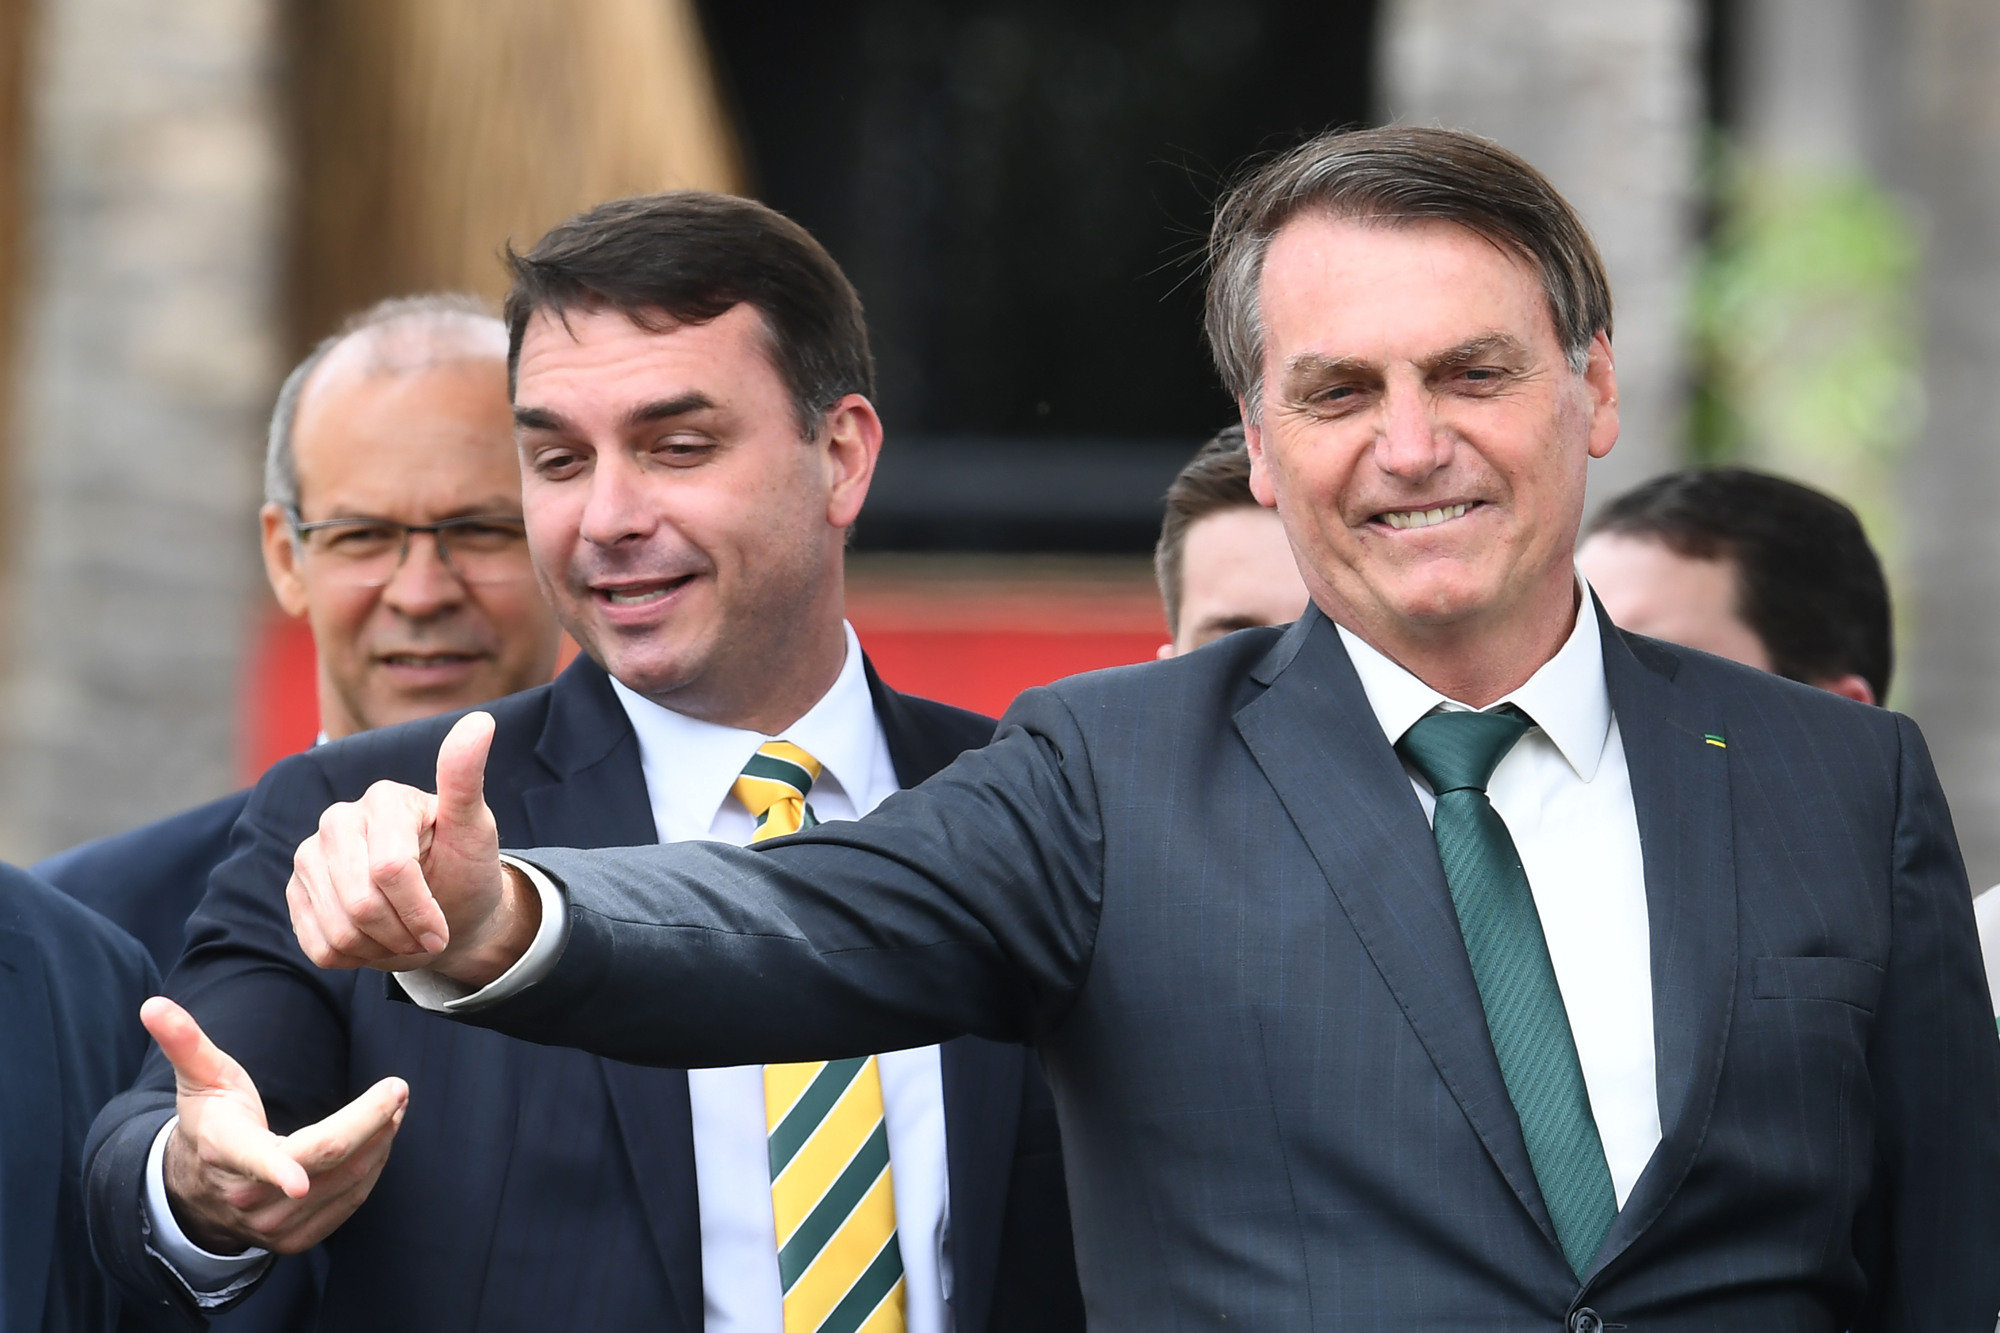 Flávio e Jair Bolsonaro no lançamento do Aliança pelo Brasil.